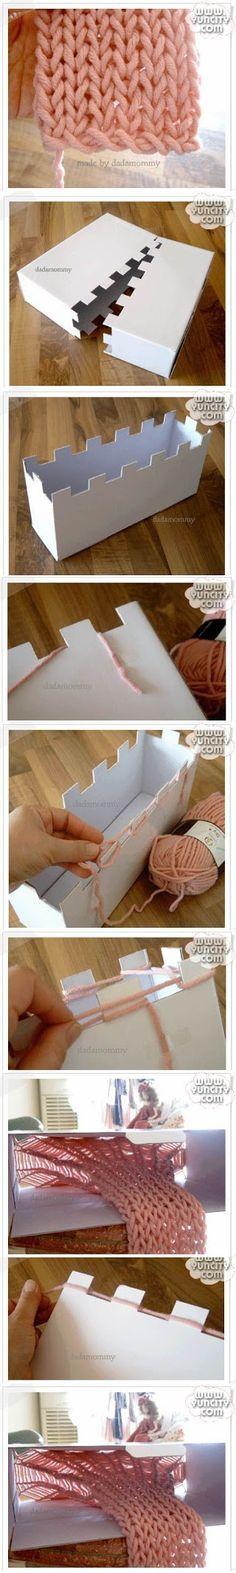 Meu mundo craft:  Tricô sem agulhas.  Este é da yuncity.com    Dá pra fazer com caixa de papelão, em casa mesmo.  Muito parecido com a técnica de tricô nos dedos, porém circular !